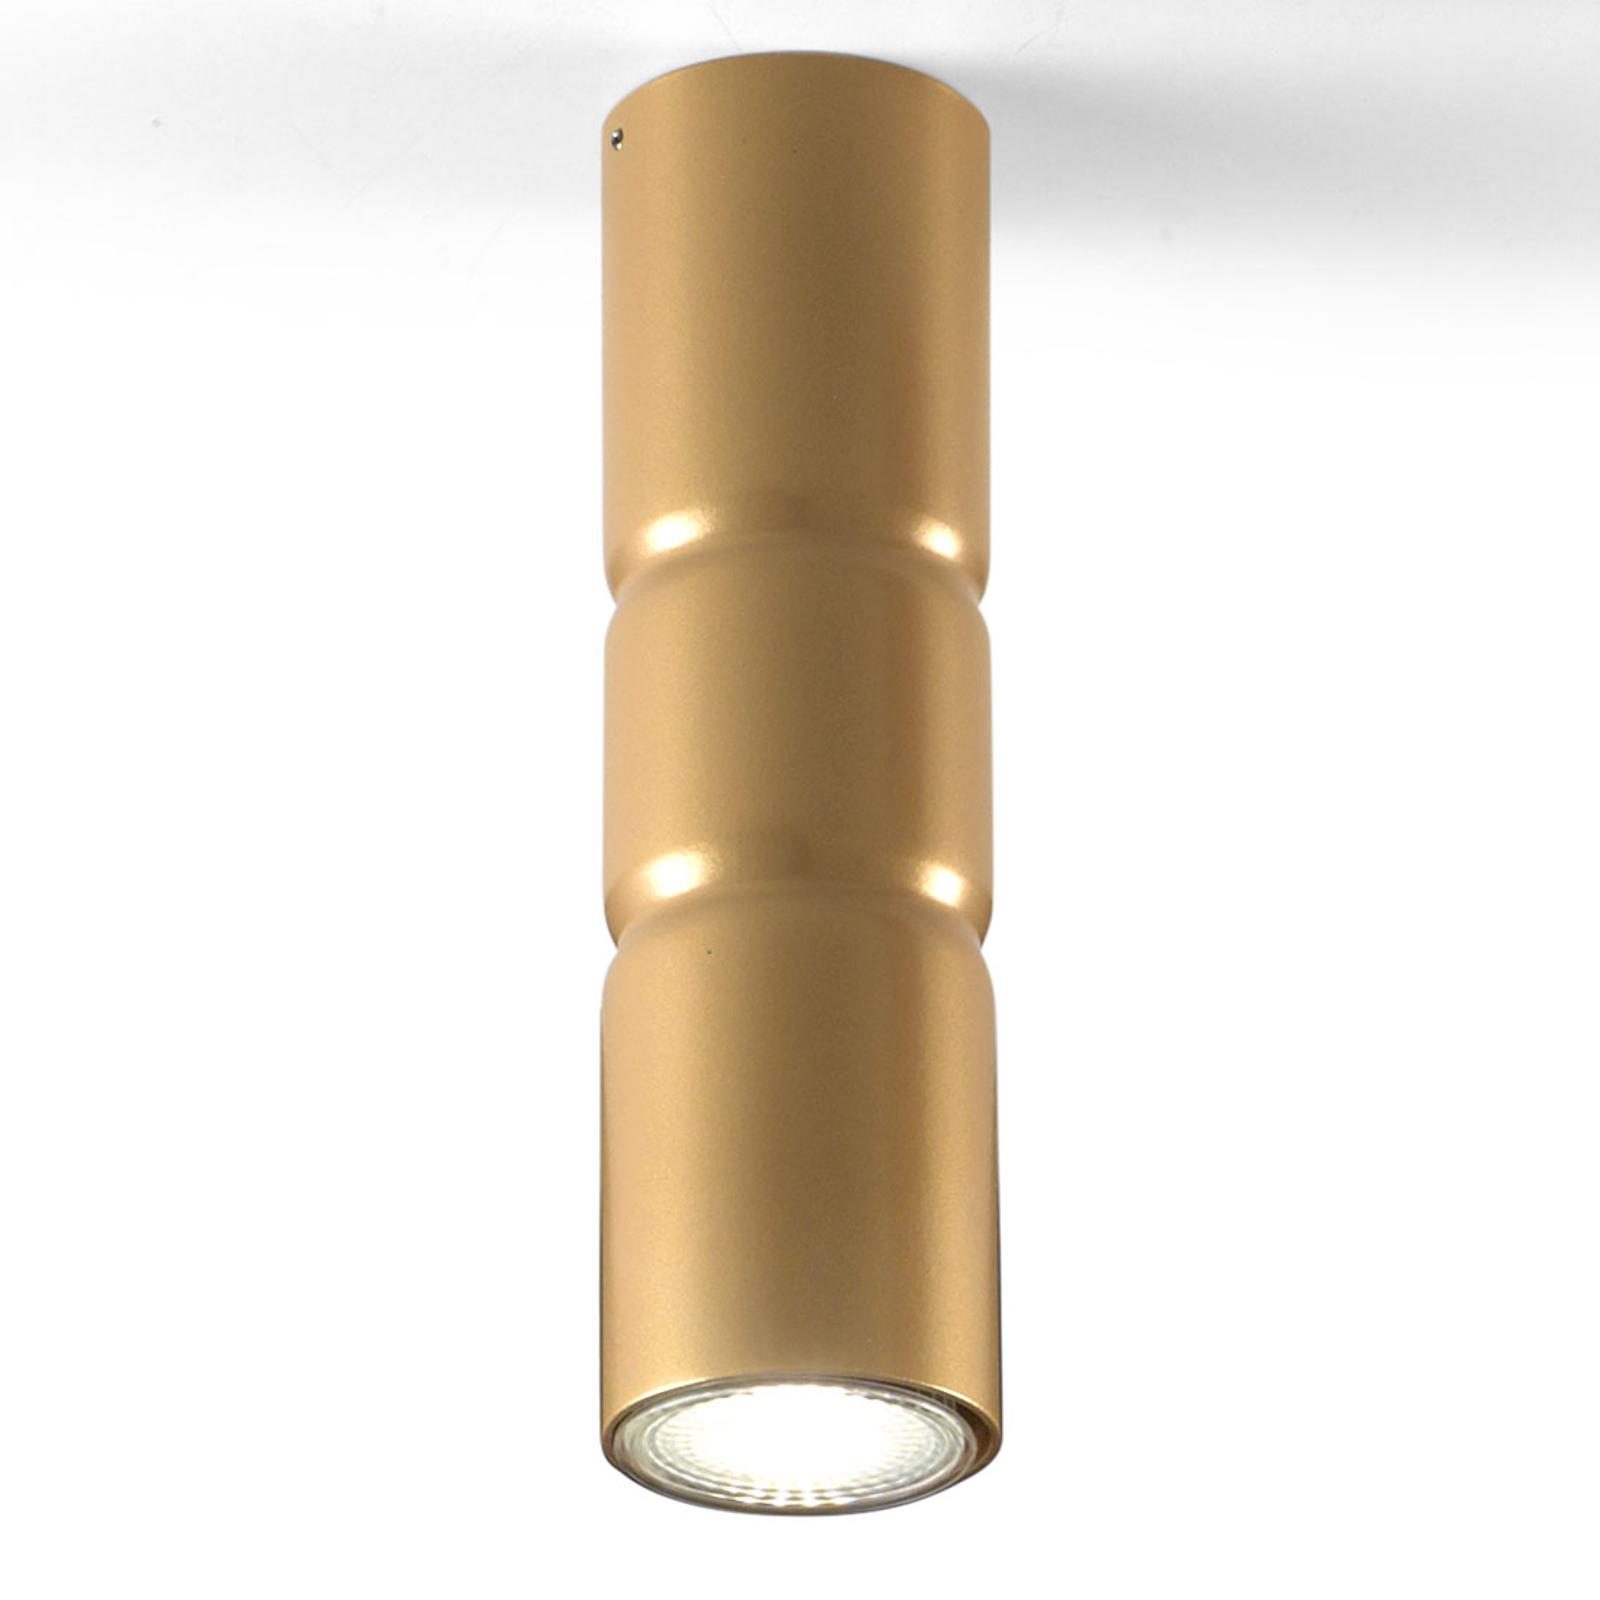 Lampa sufitowa Turbo, stała, złota